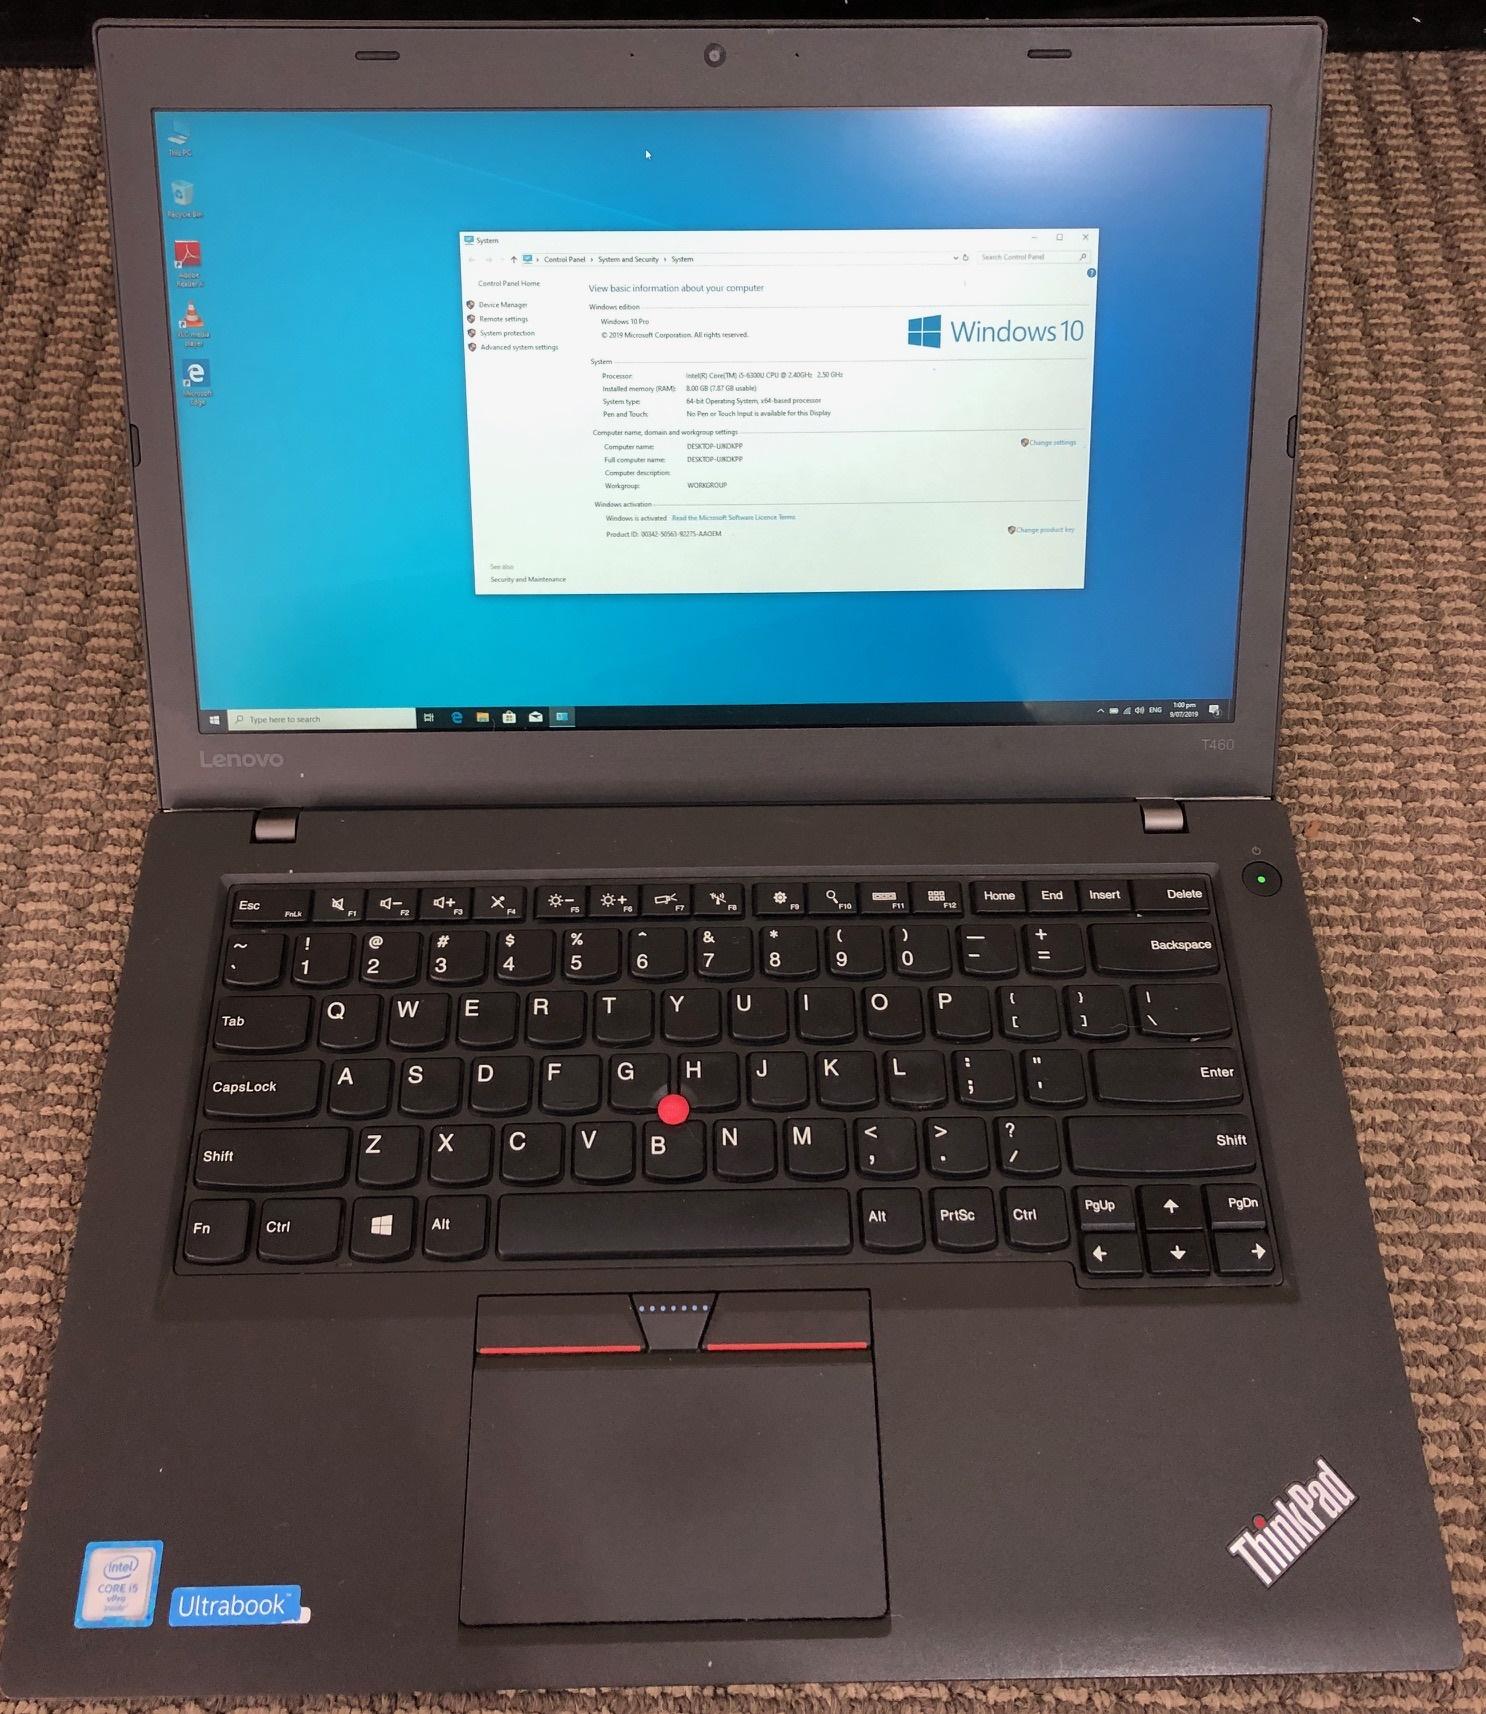 Lenovo ThinkPad T460 6th Gen i5 Ultrabook I5-6300U 256GB SSD